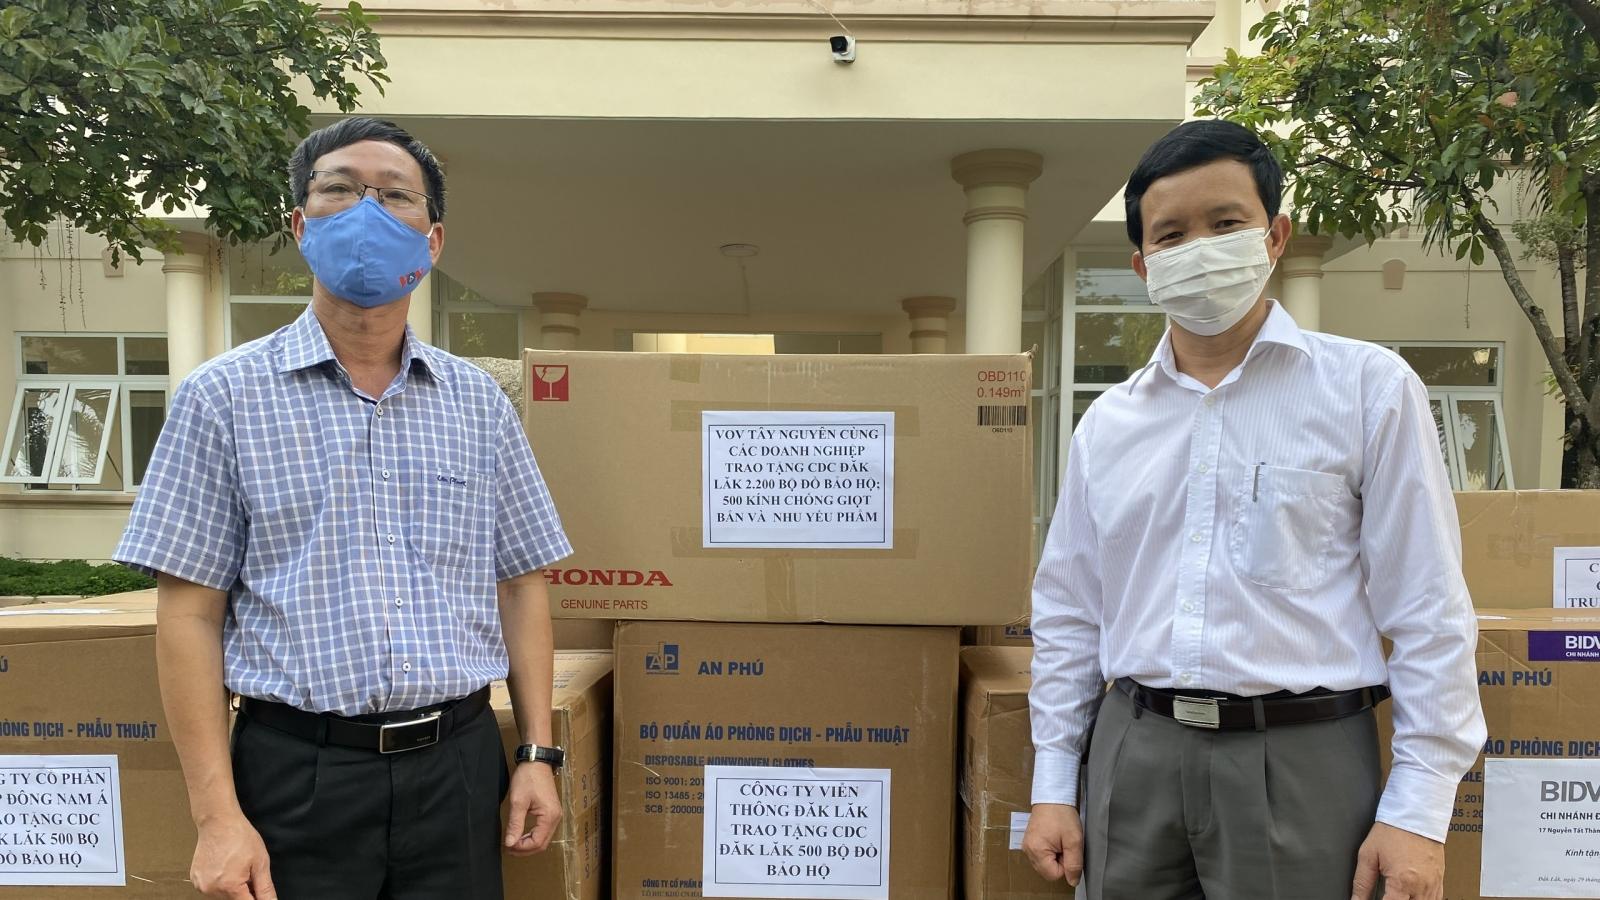 VOV Tây Nguyên trao tặng trang thiết bị y tế trị giá gần 170 triệu đồng cho CDC Đắk Lắk